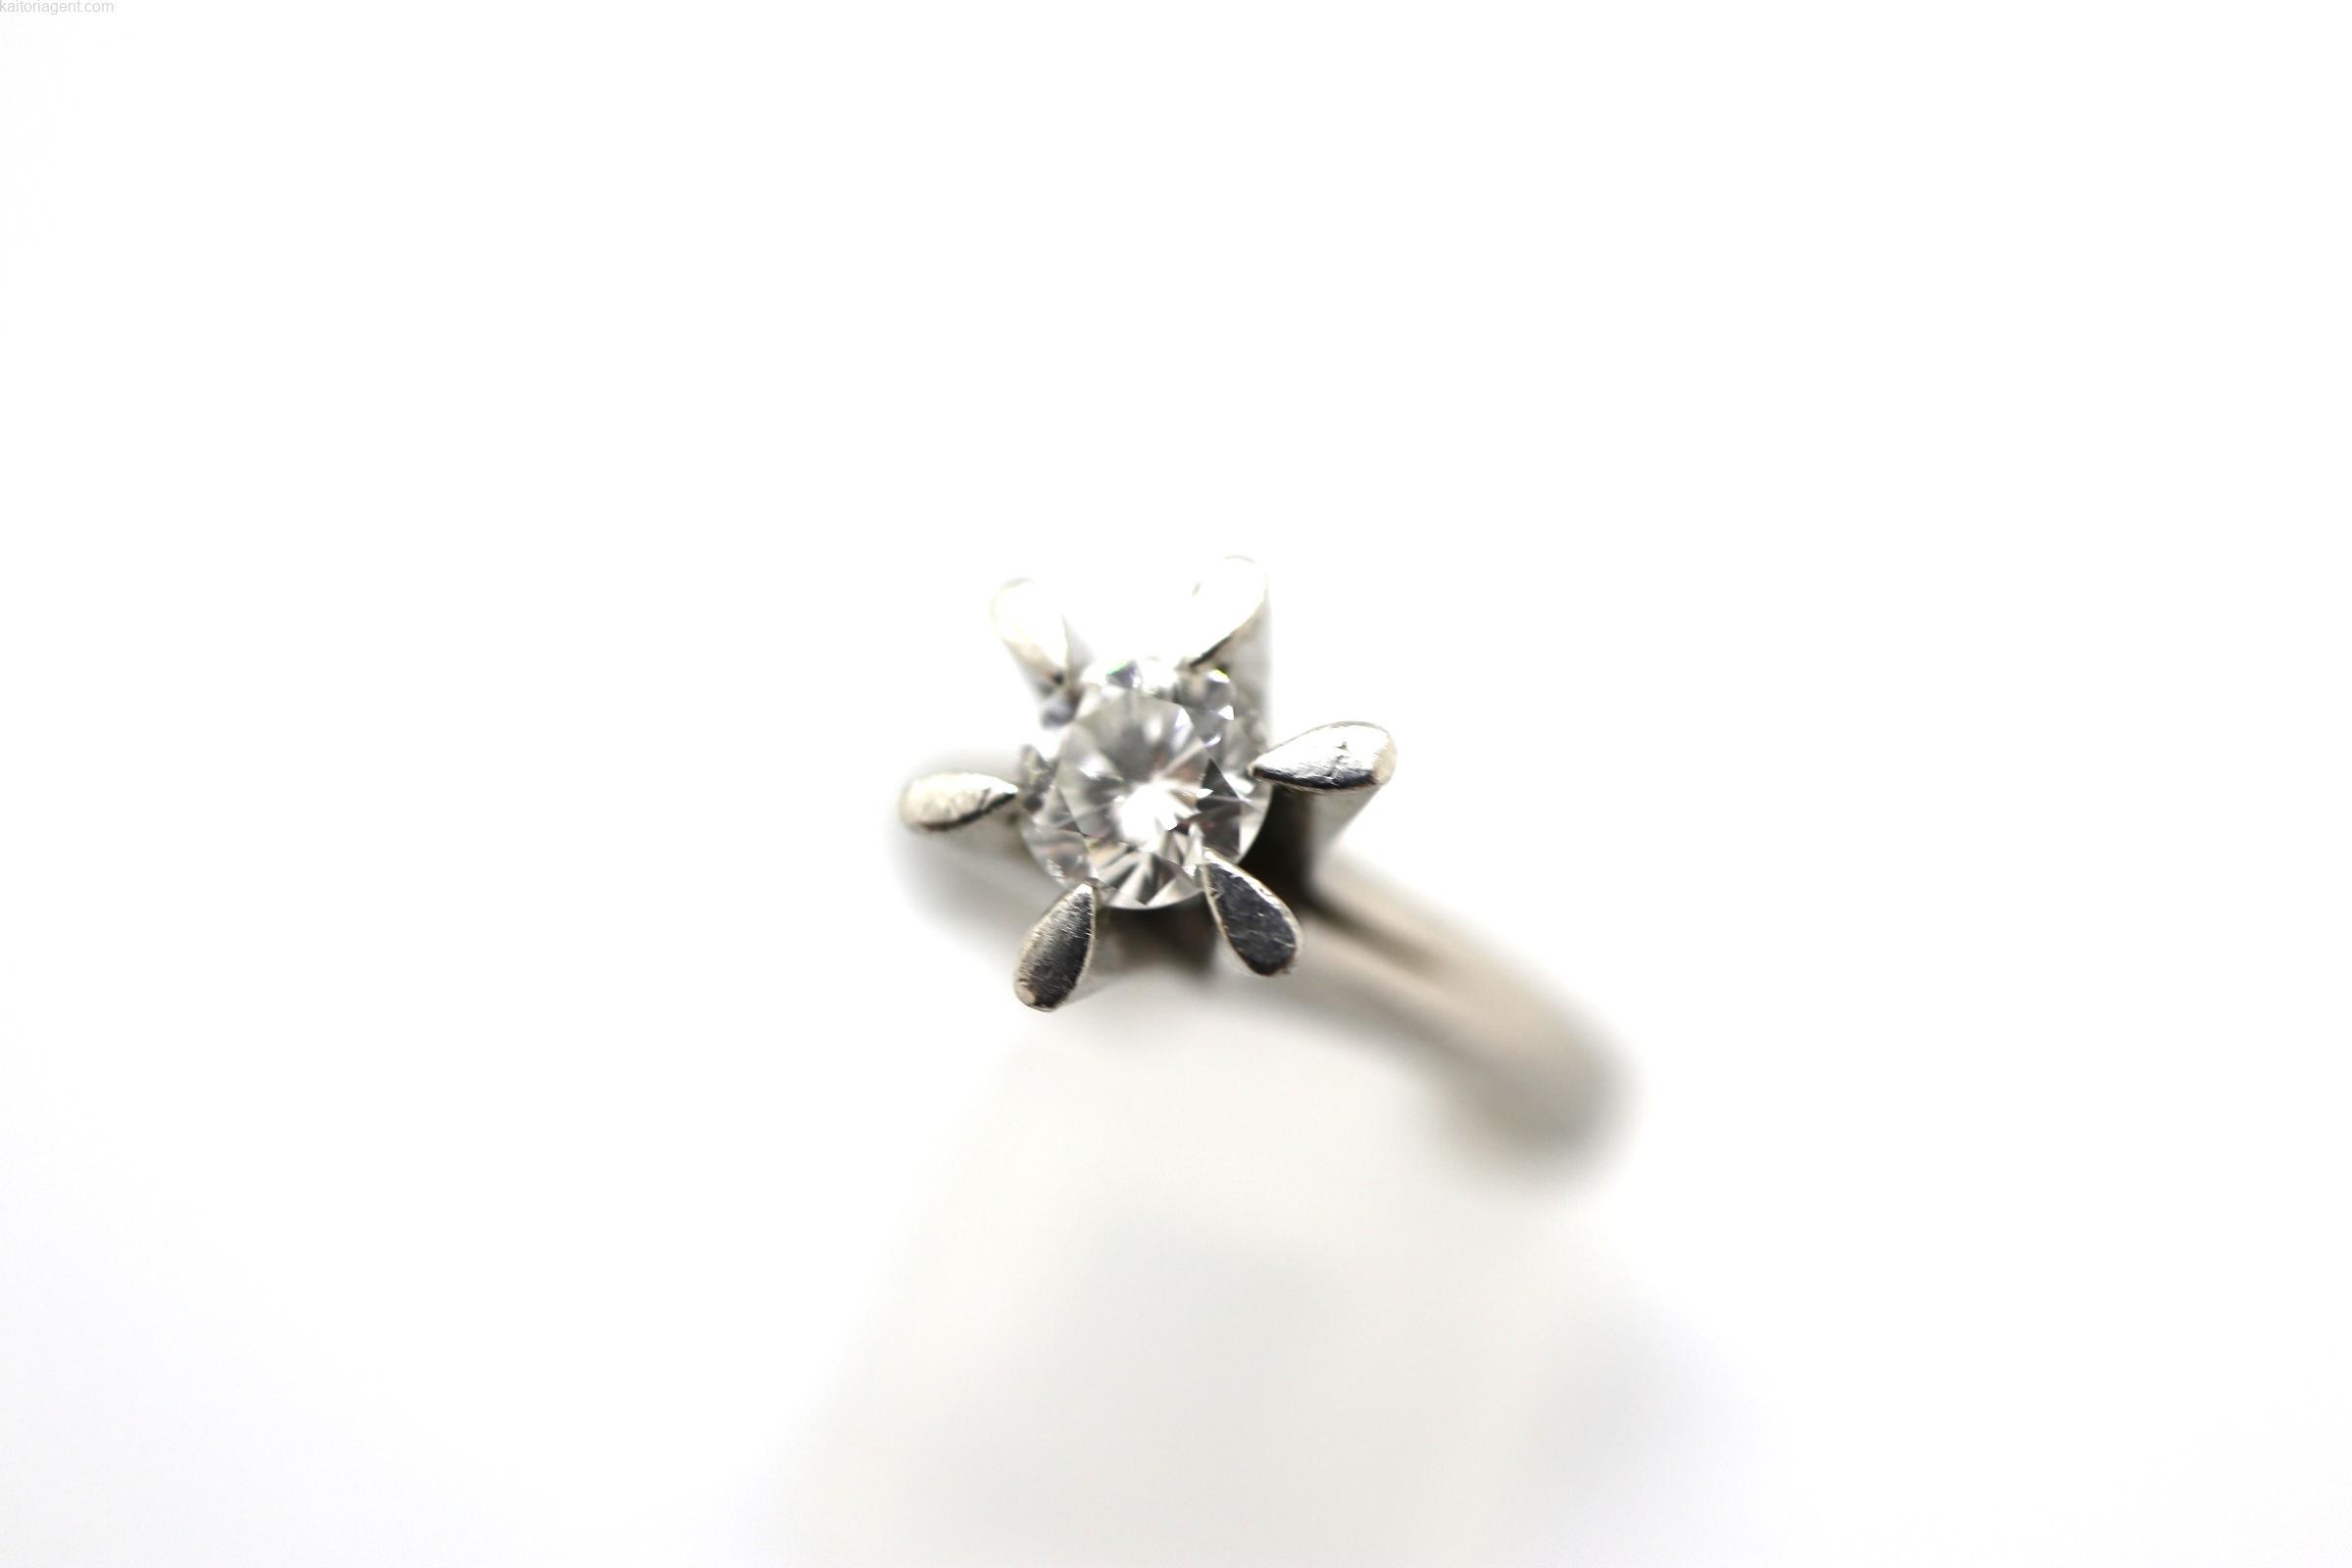 【素材】プラチナ 【宝石】ダイヤモンド0.30ct 【形…の画像